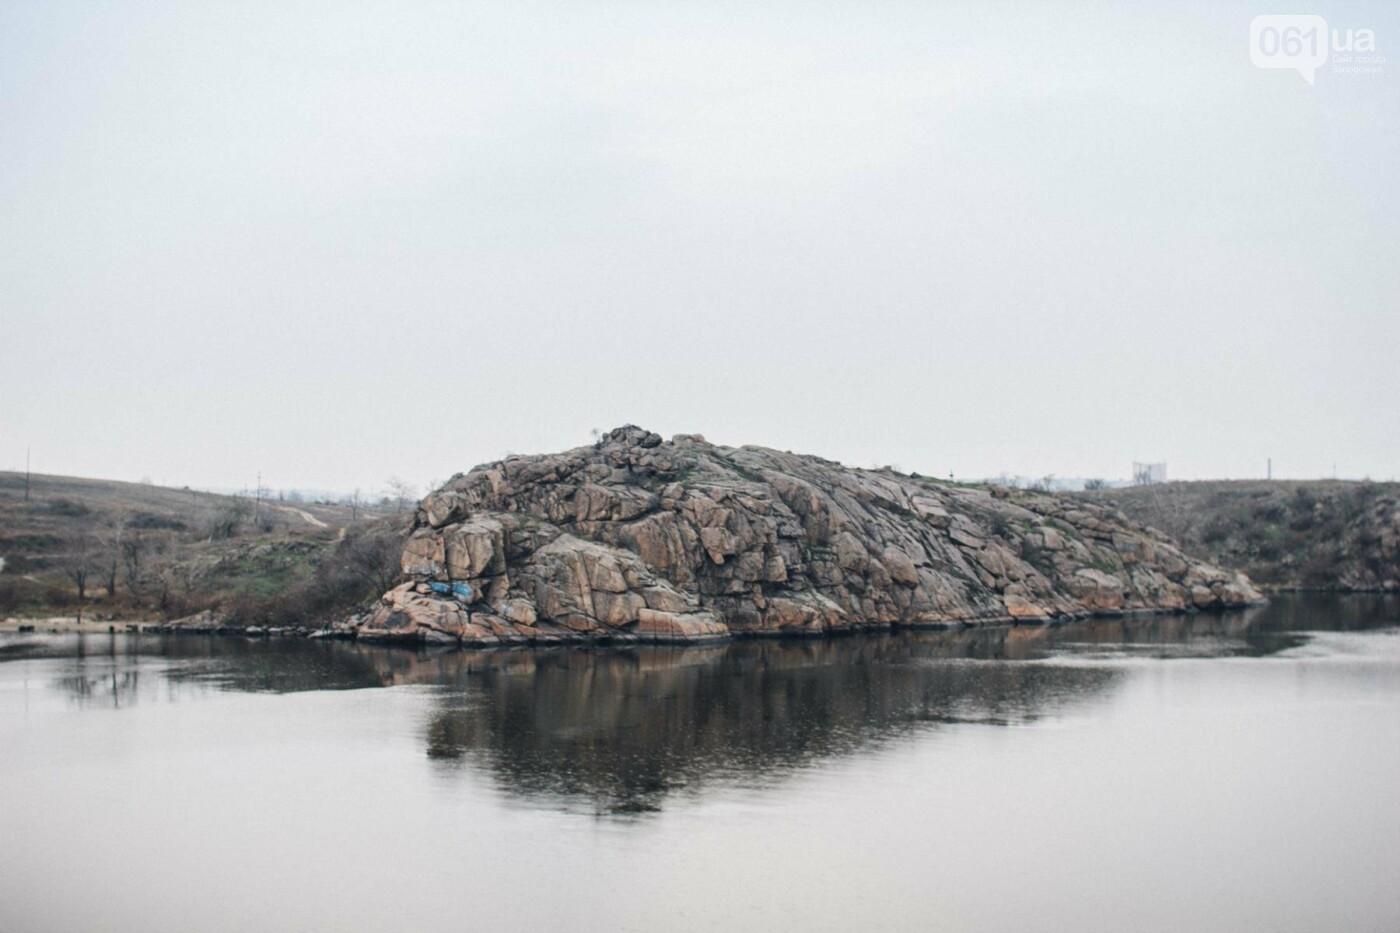 Четыре дня до зимы: как выглядит Хортица поздней осенью, - ФОТОРЕПОРТАЖ, фото-6